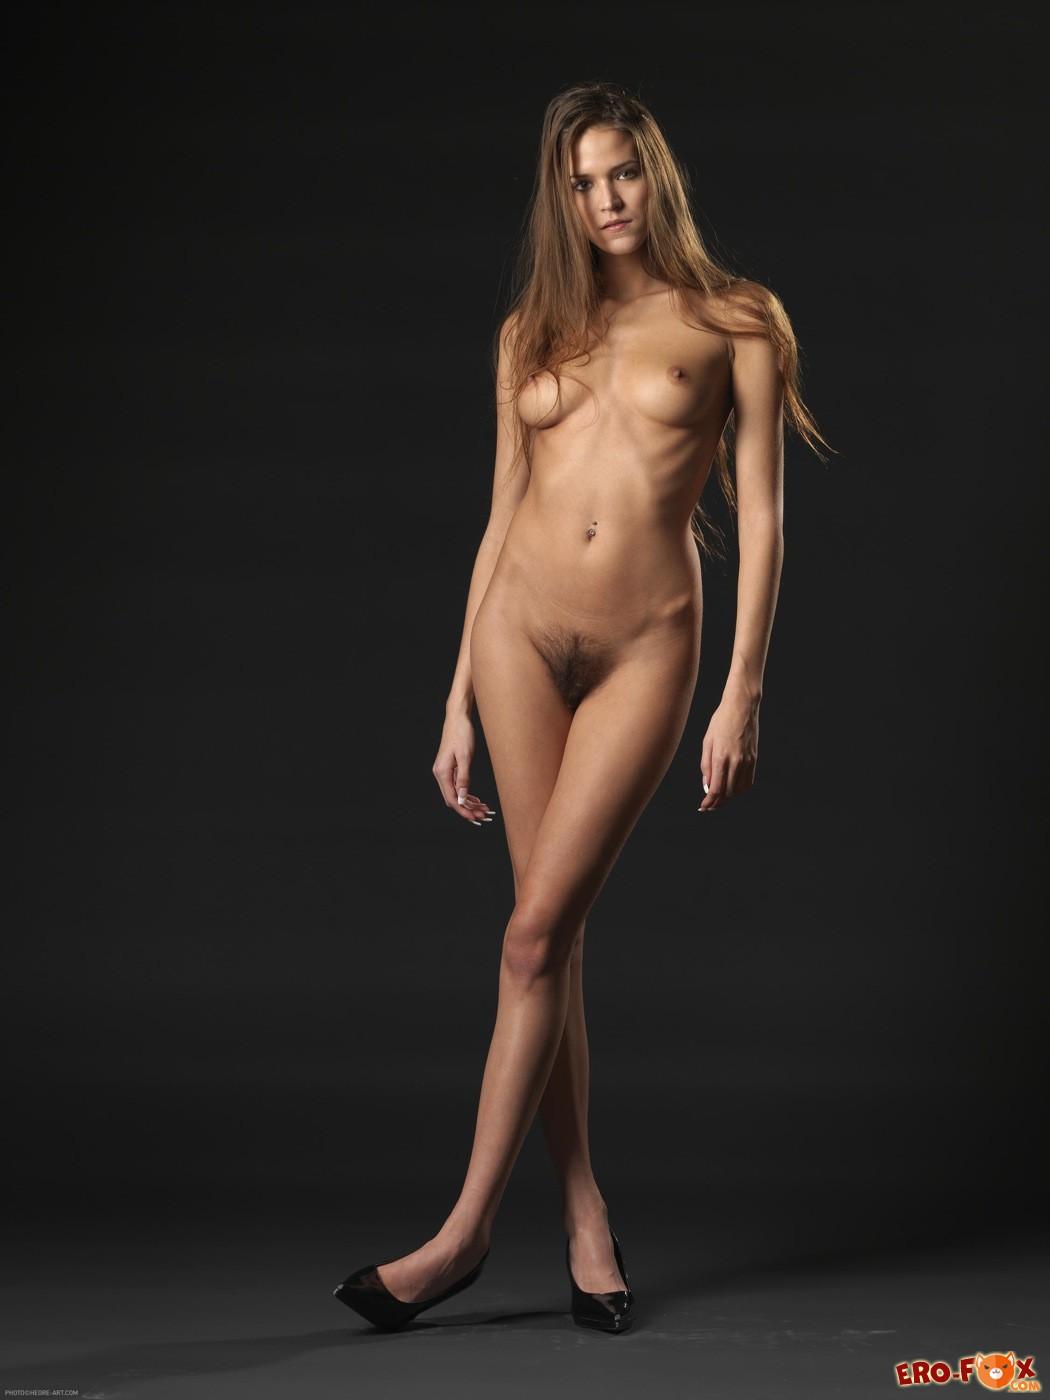 Голая женщина с волосатой киской в чулках - фото